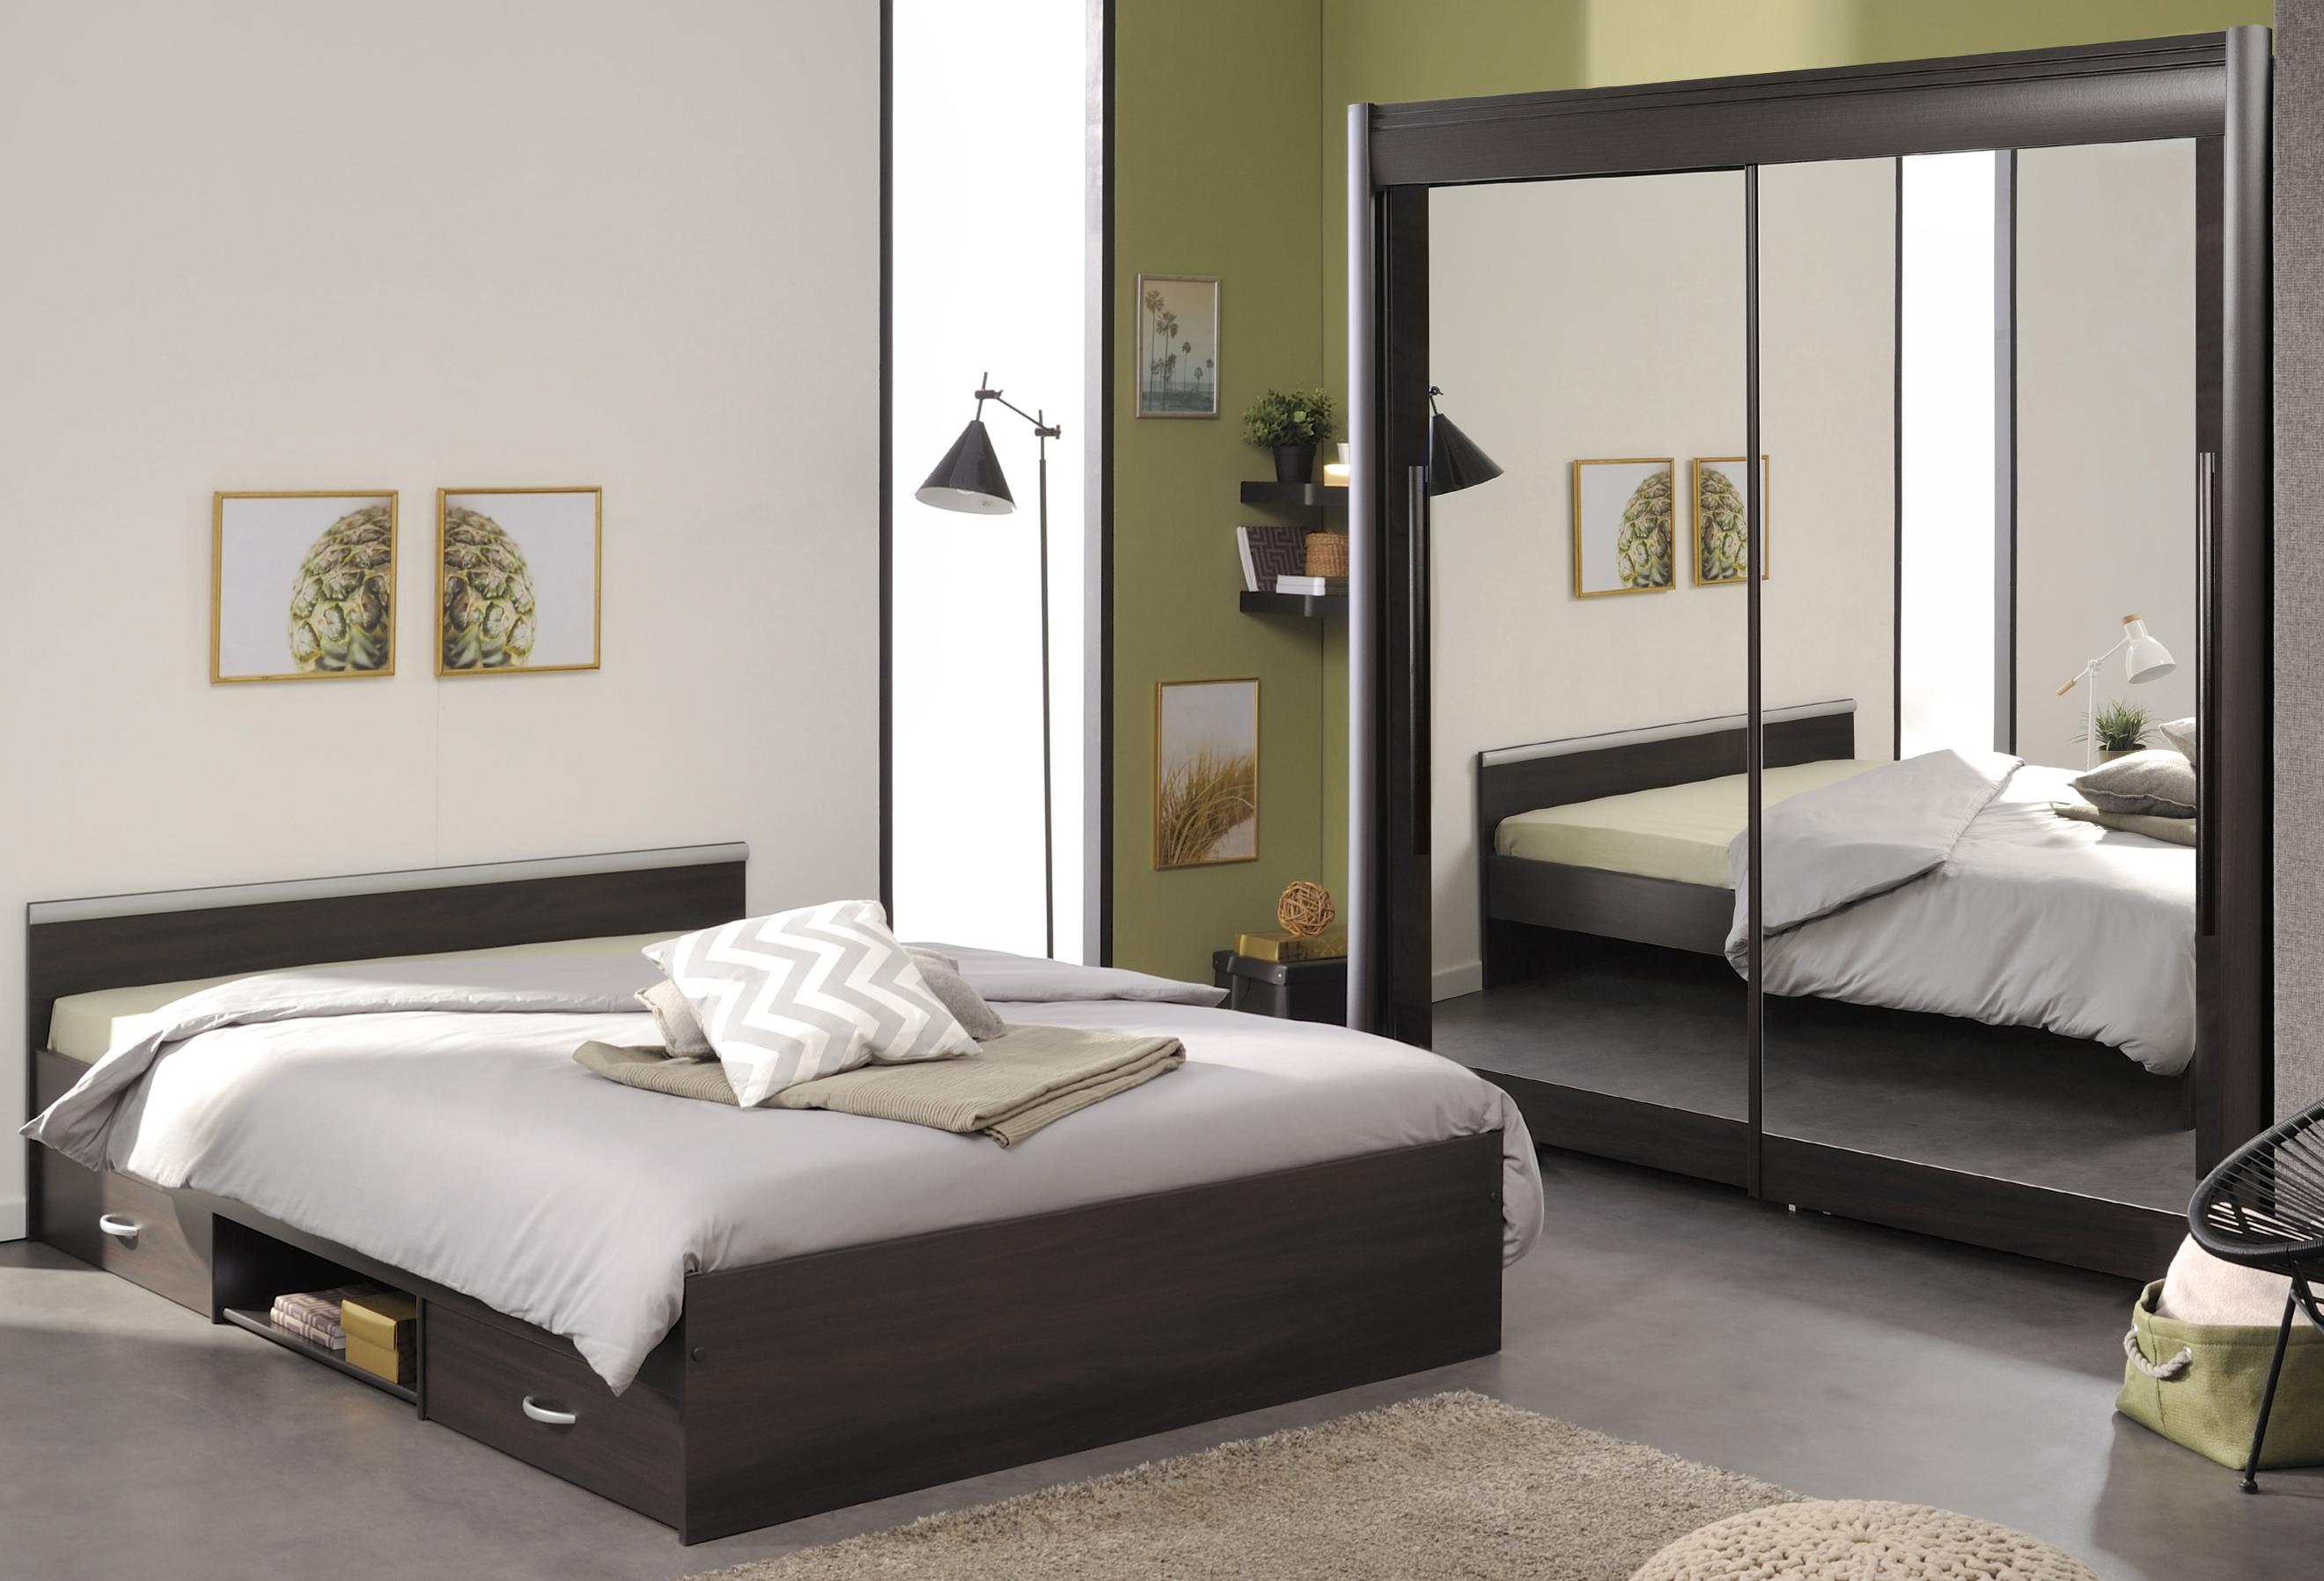 Schlafzimmer 2-tlg inkl Schweber ca. 157 breit Celebrity 61 von Parisot Kaffee